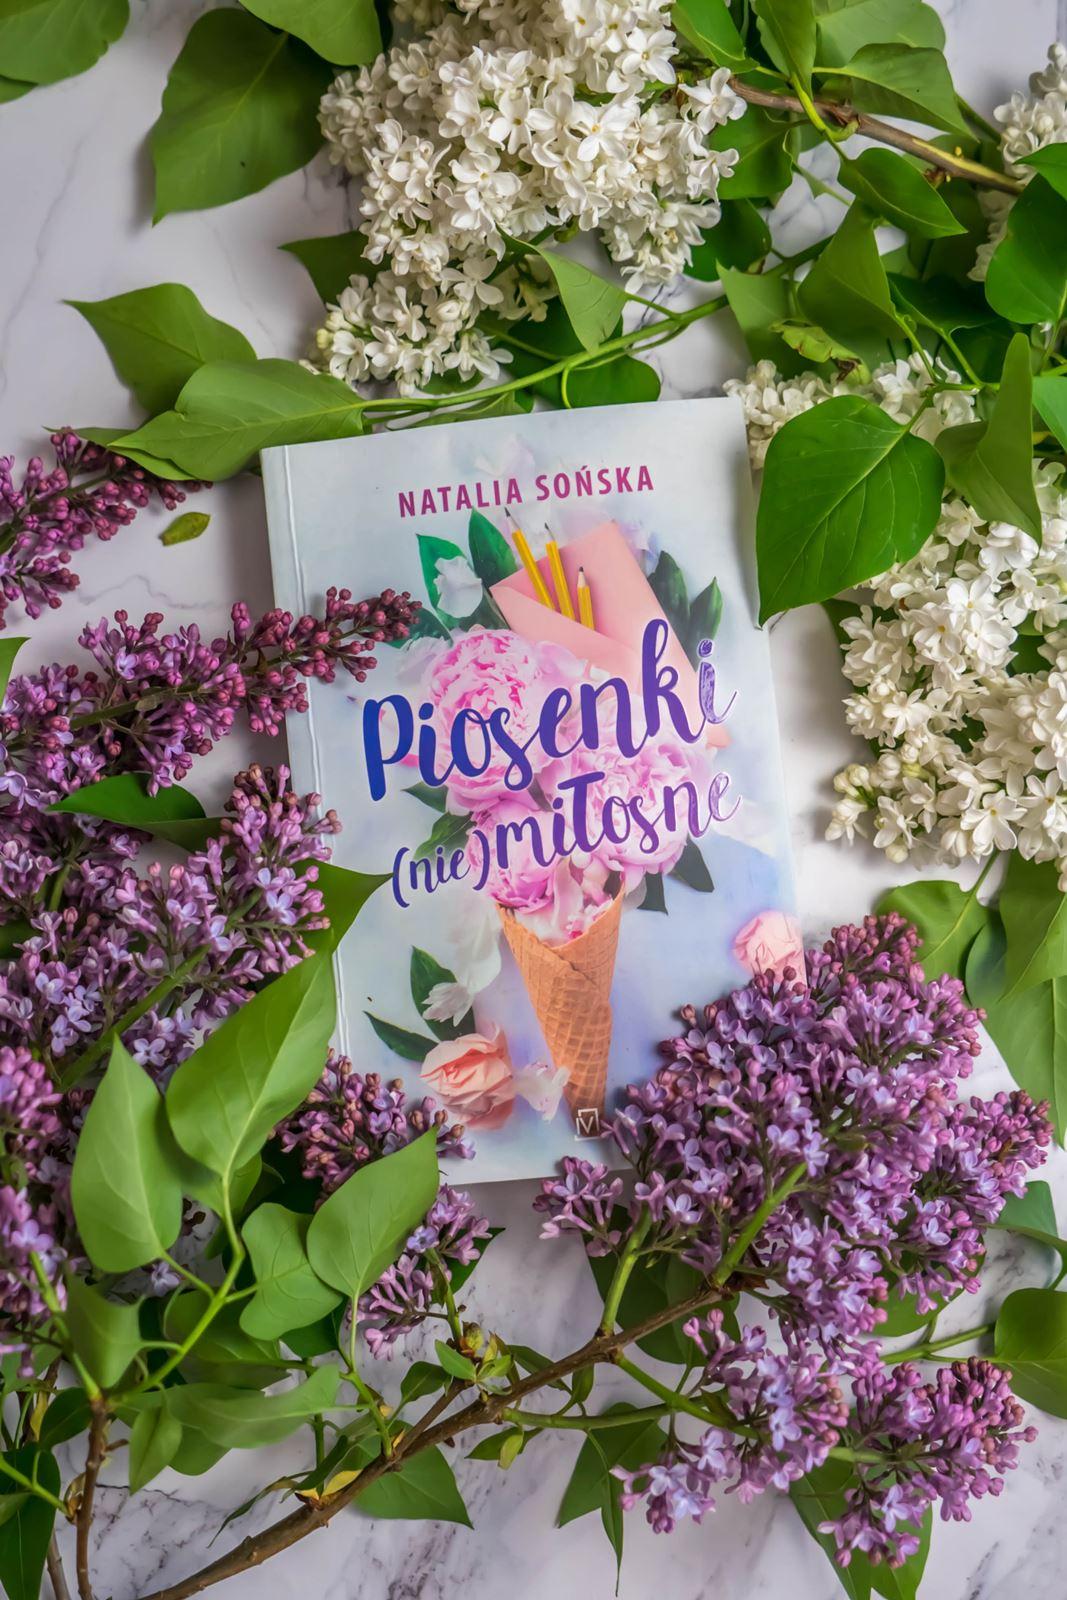 Piosenki Nie miłosne natalia skońska recenzja opinia gdzie kupić czy fajna czytanie ksiązki polecane na lato dla kobiet młodzieżowe powieści romantyczne